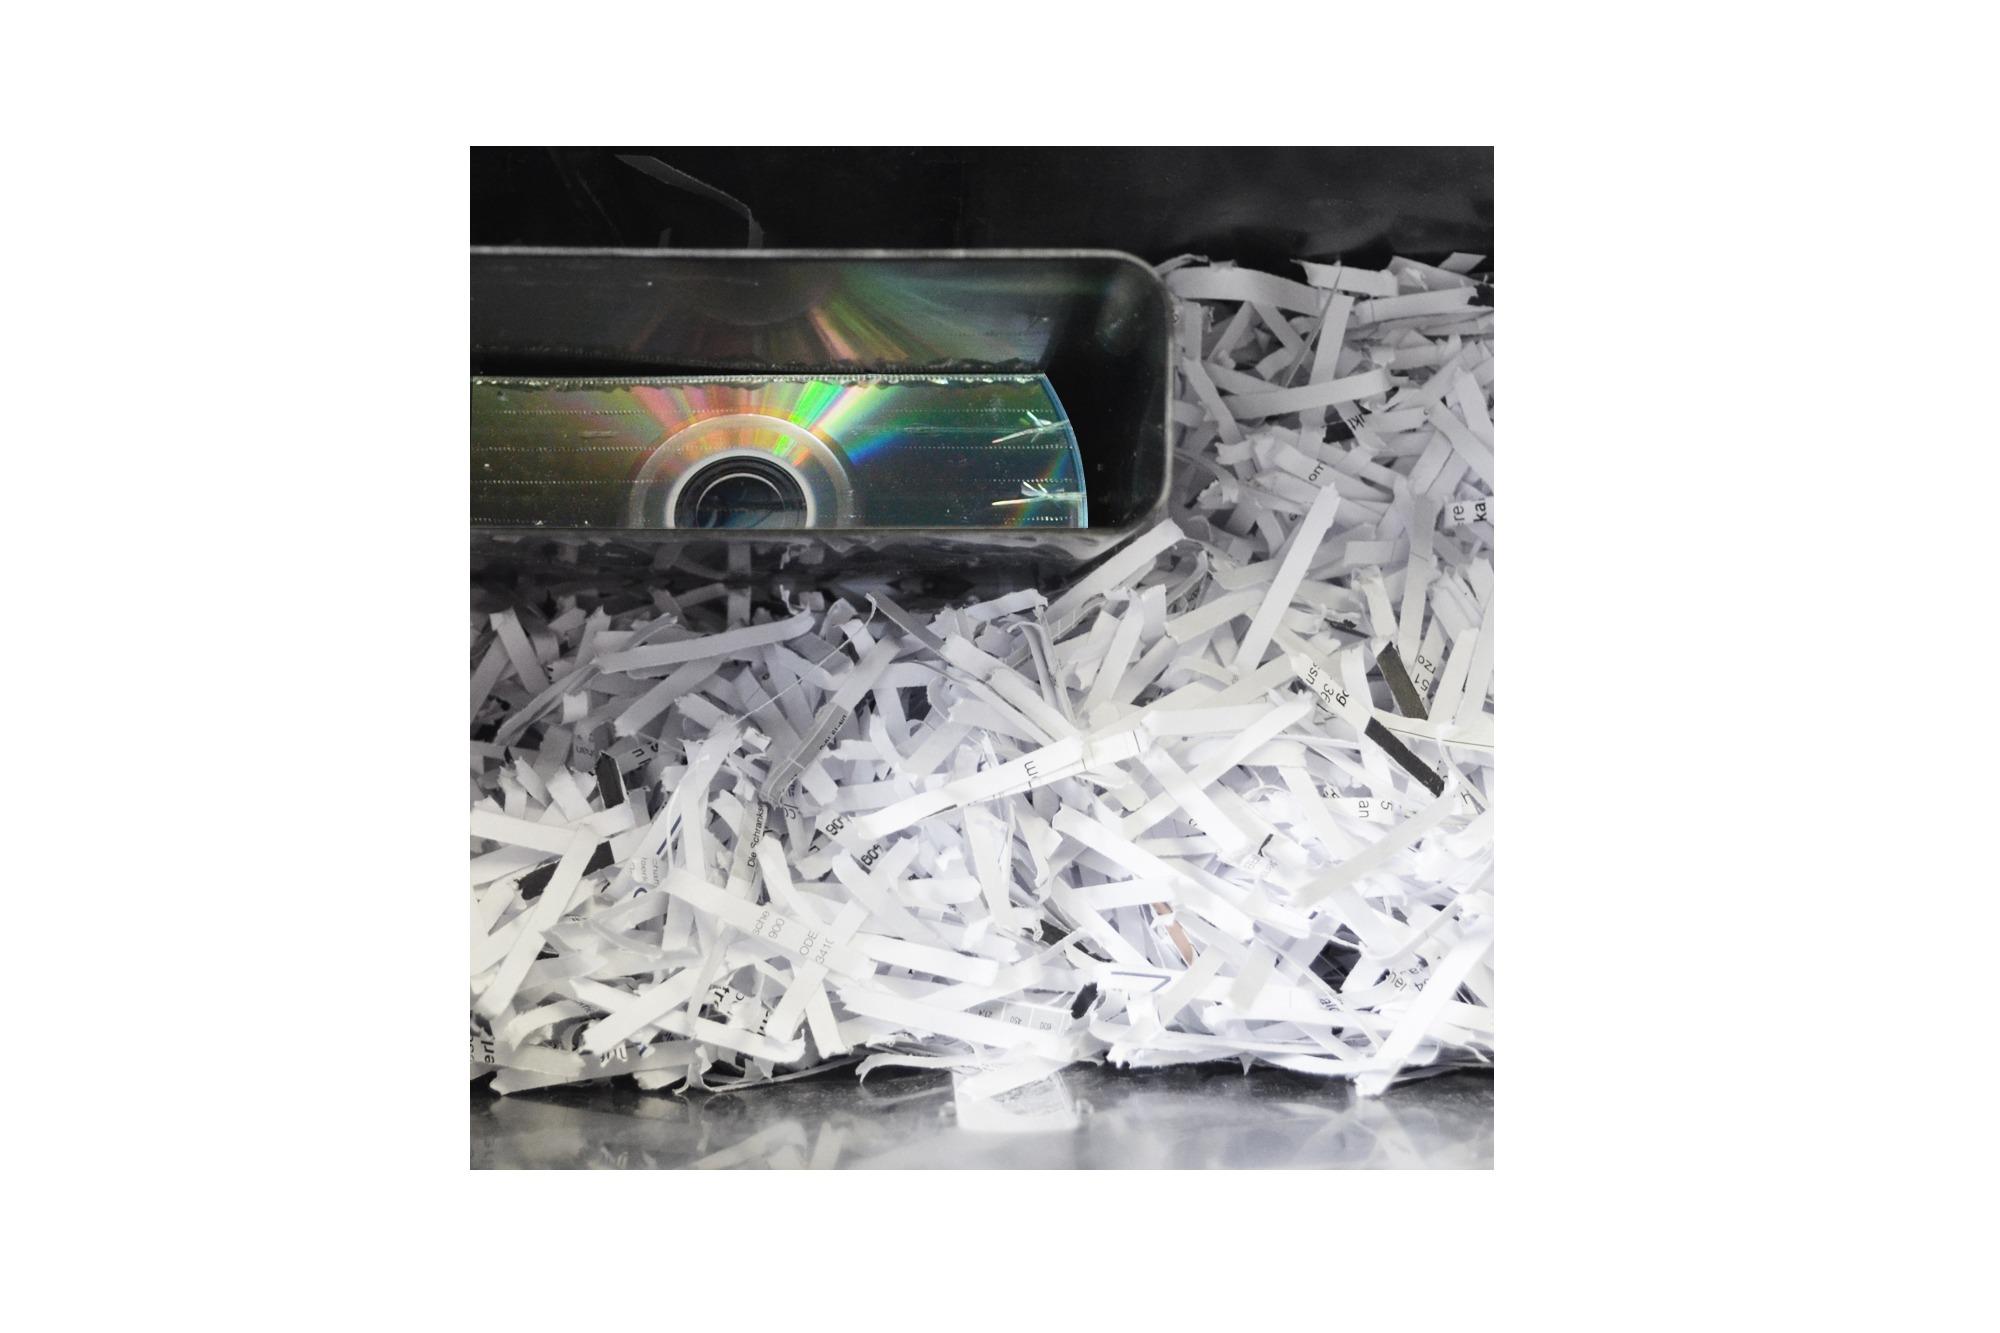 Distruggidocumenti 7 fogli taglio 4×45 mm capacita' 15 lt con slot per cd e carte di credito digitus